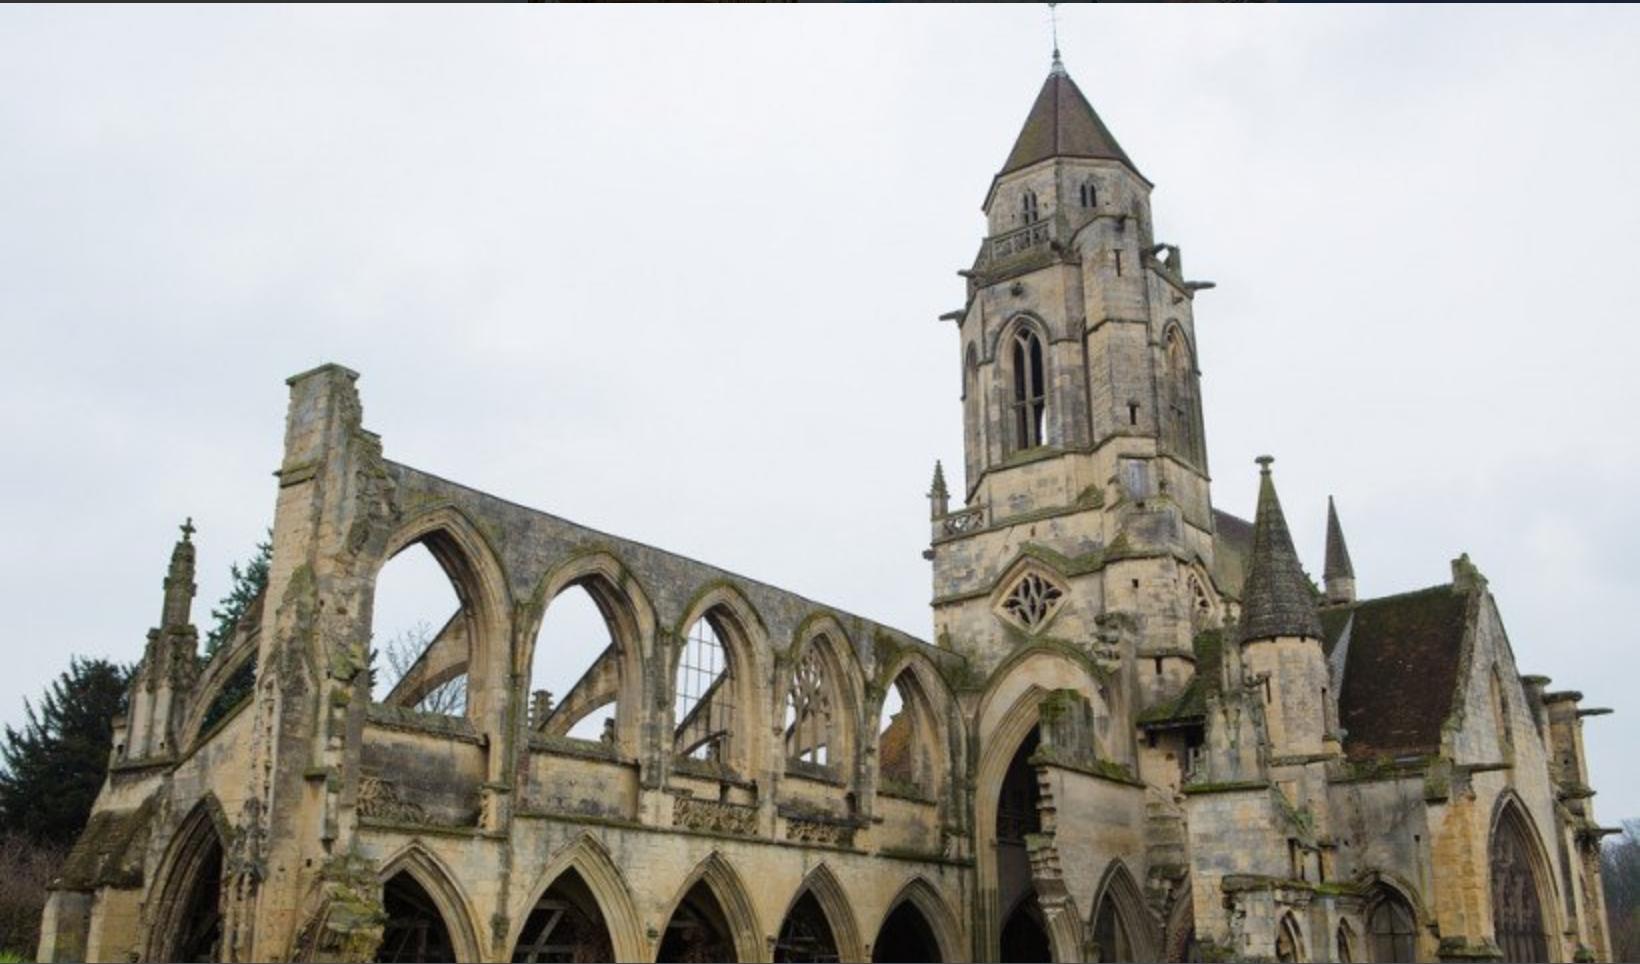 St. Etienne le Vieux